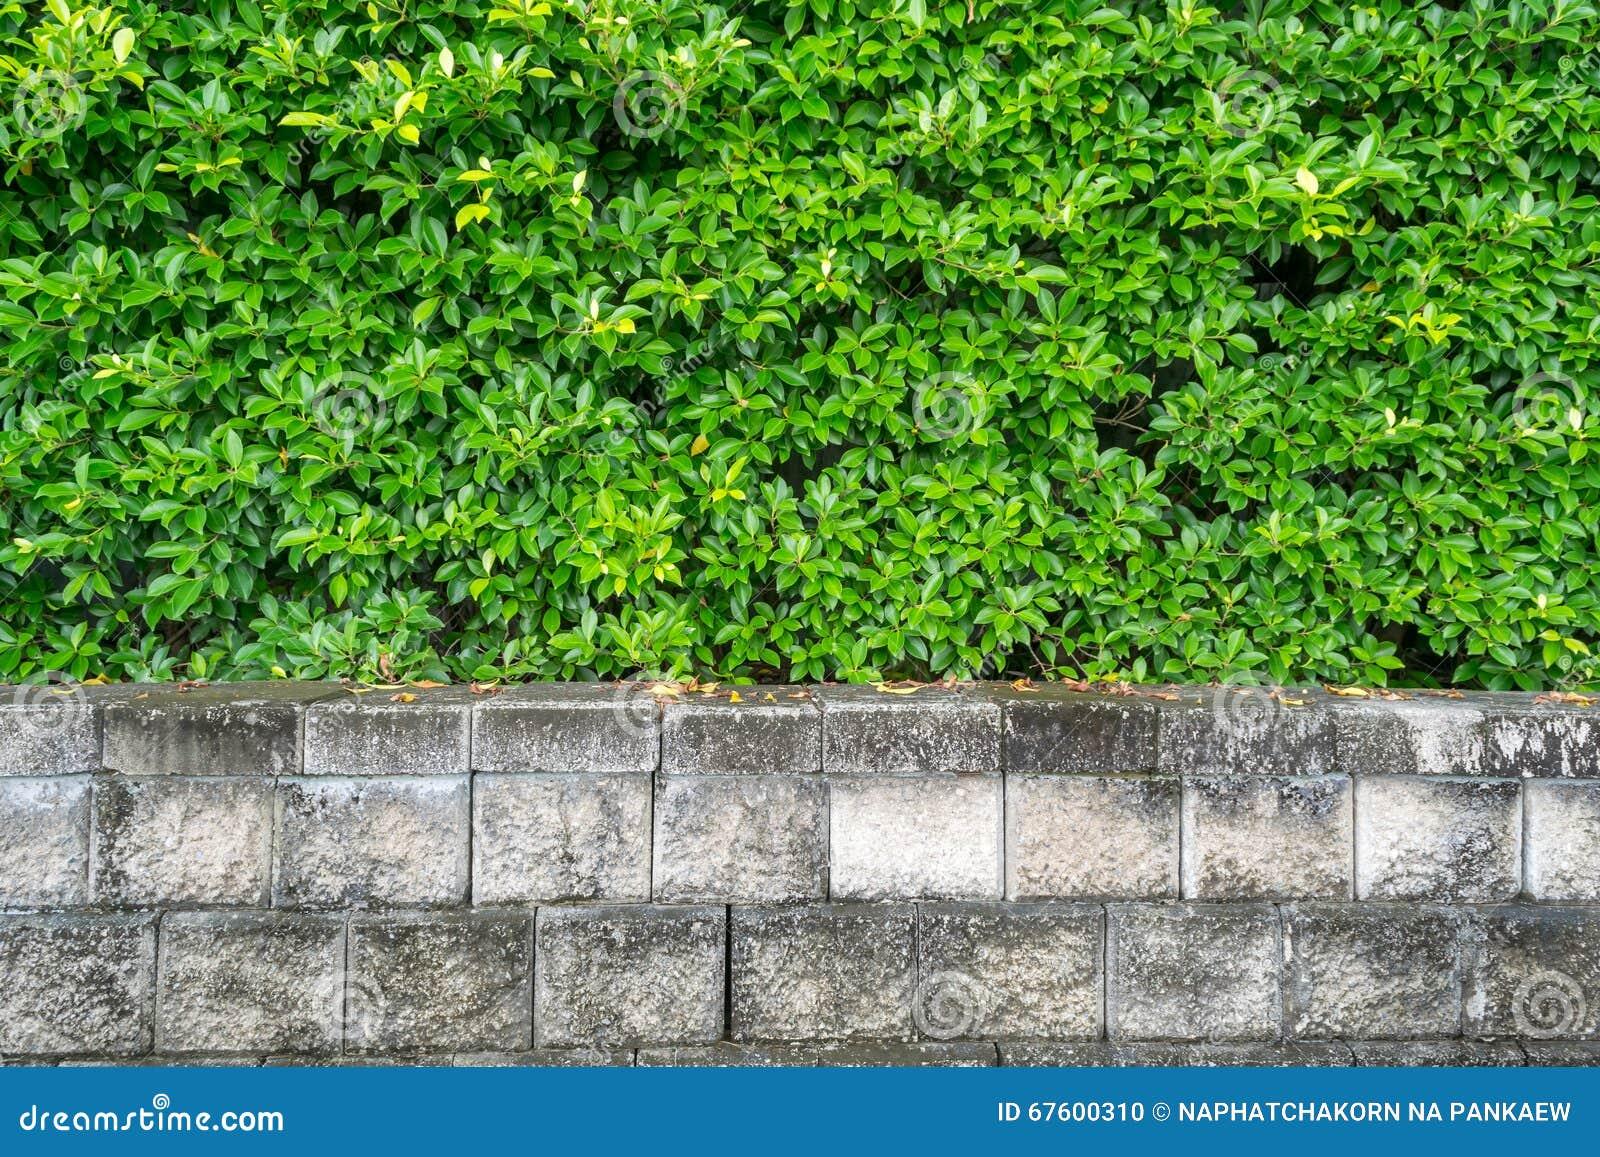 Plantas verdes del jard n para el fondo de la pared foto - Plantas para estanques de jardin ...